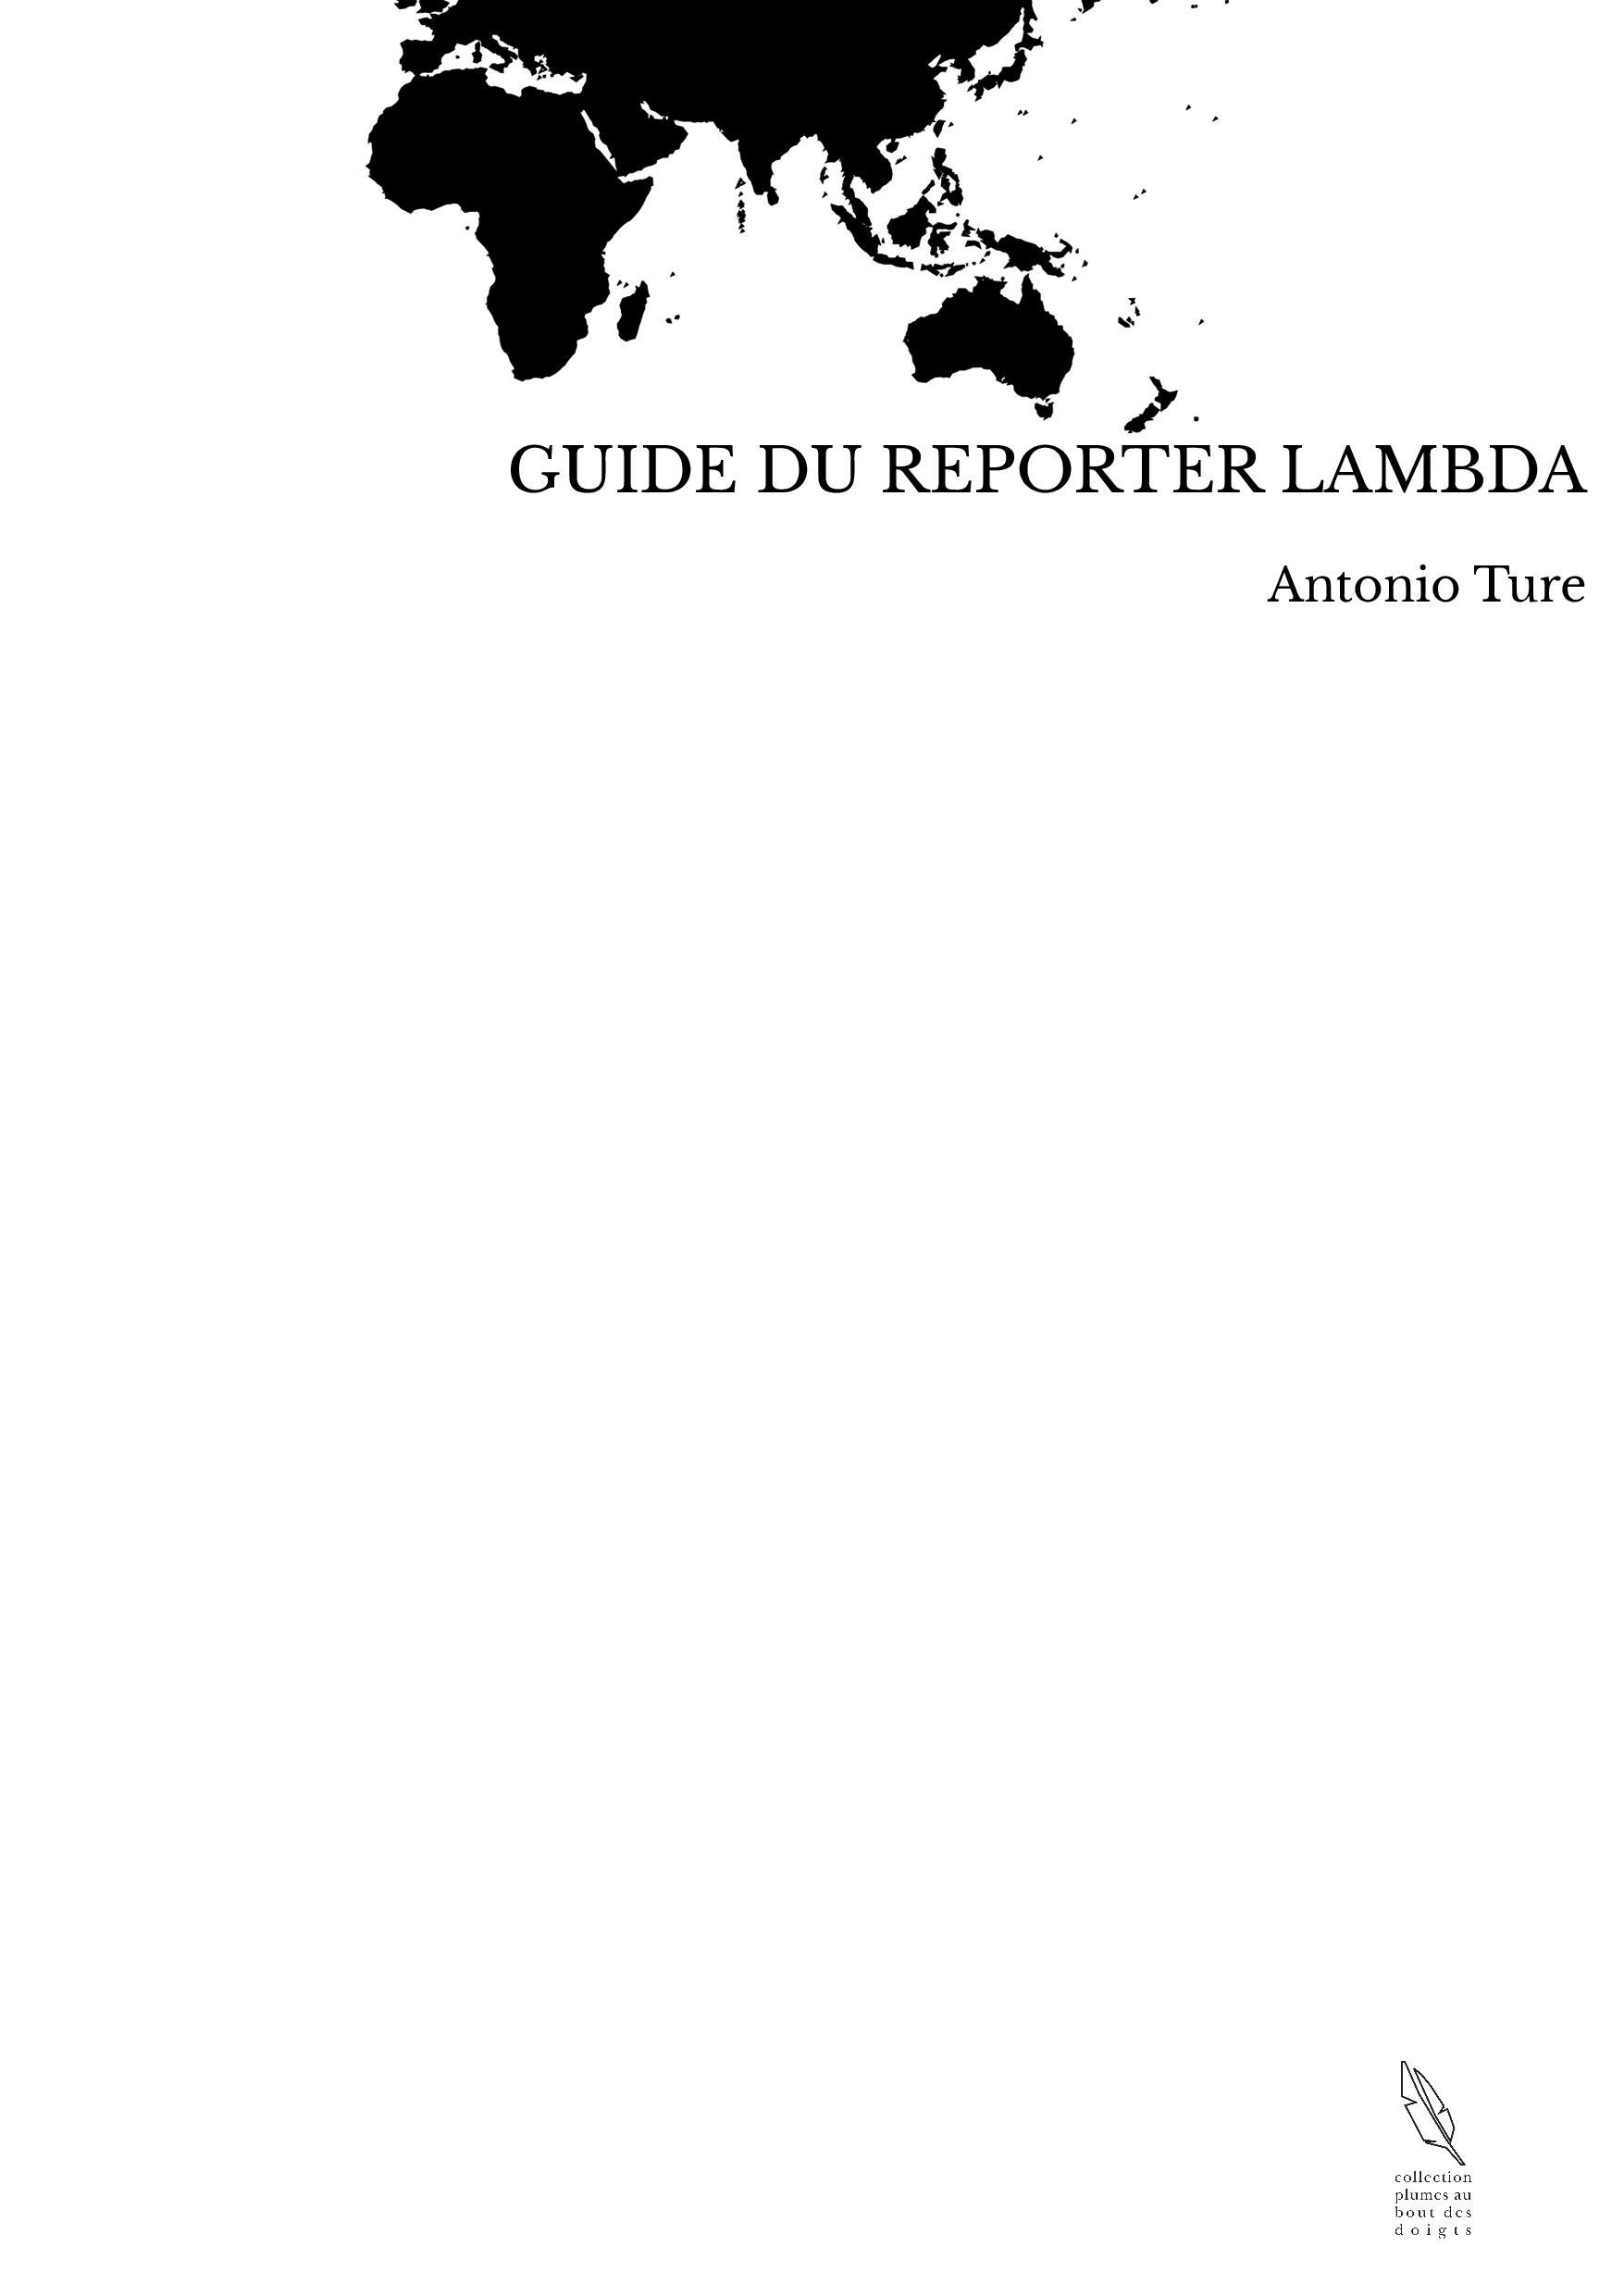 GUIDE DU REPORTER LAMBDA